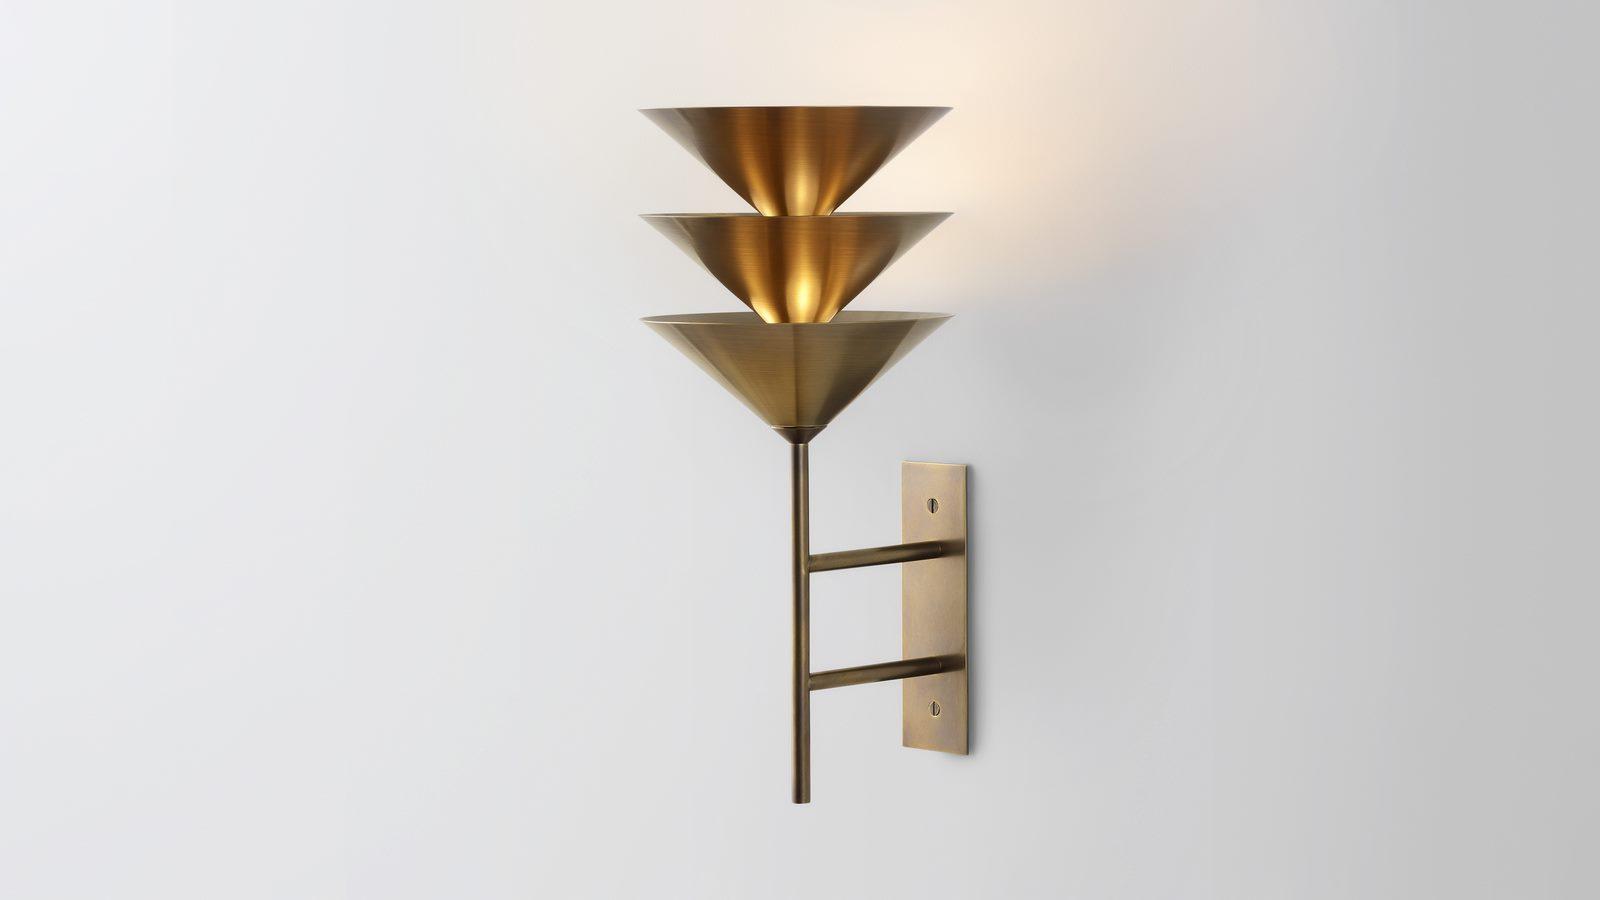 Iluminación con forma piramidal pensada por Volker Haug Studio 15